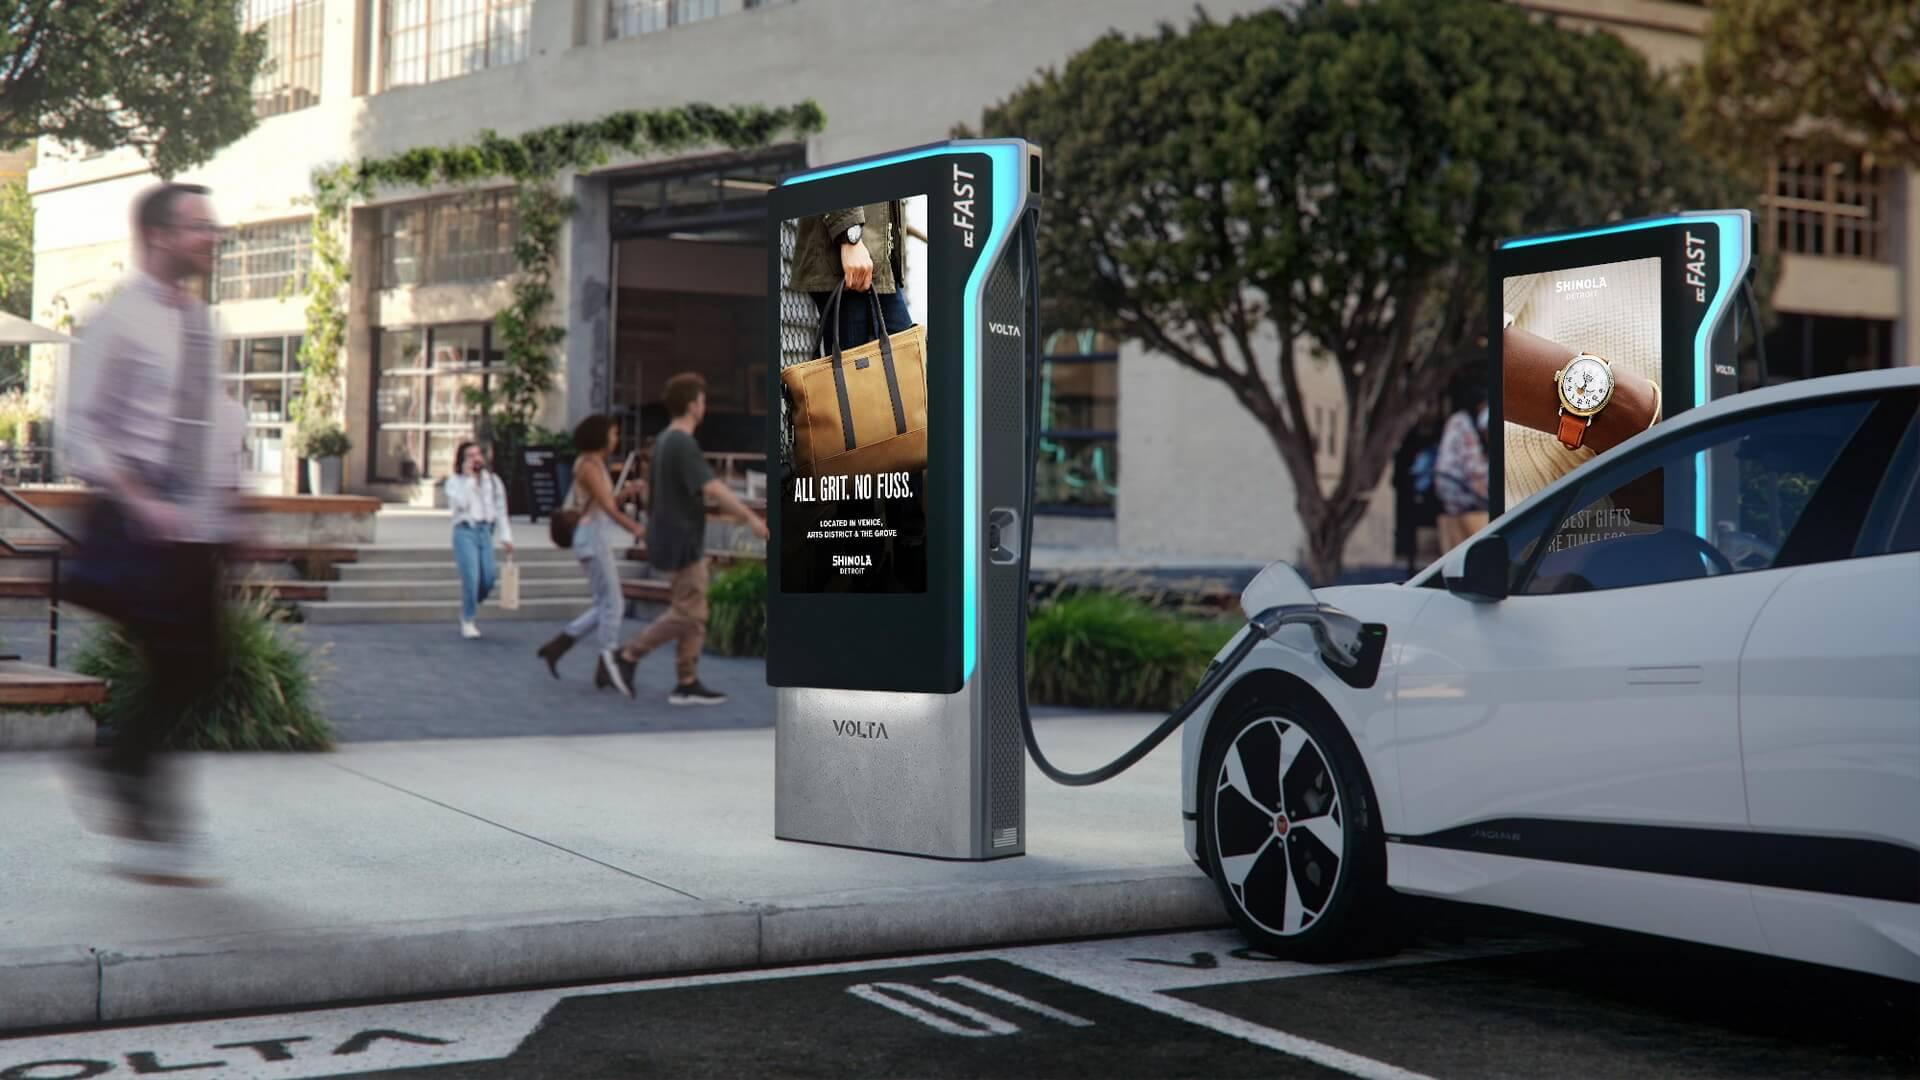 Быстрые зарядные устройства будут размещены рядом со станциями AC Volta для быстрого посещения таких мест, как продуктовые магазины и кафе